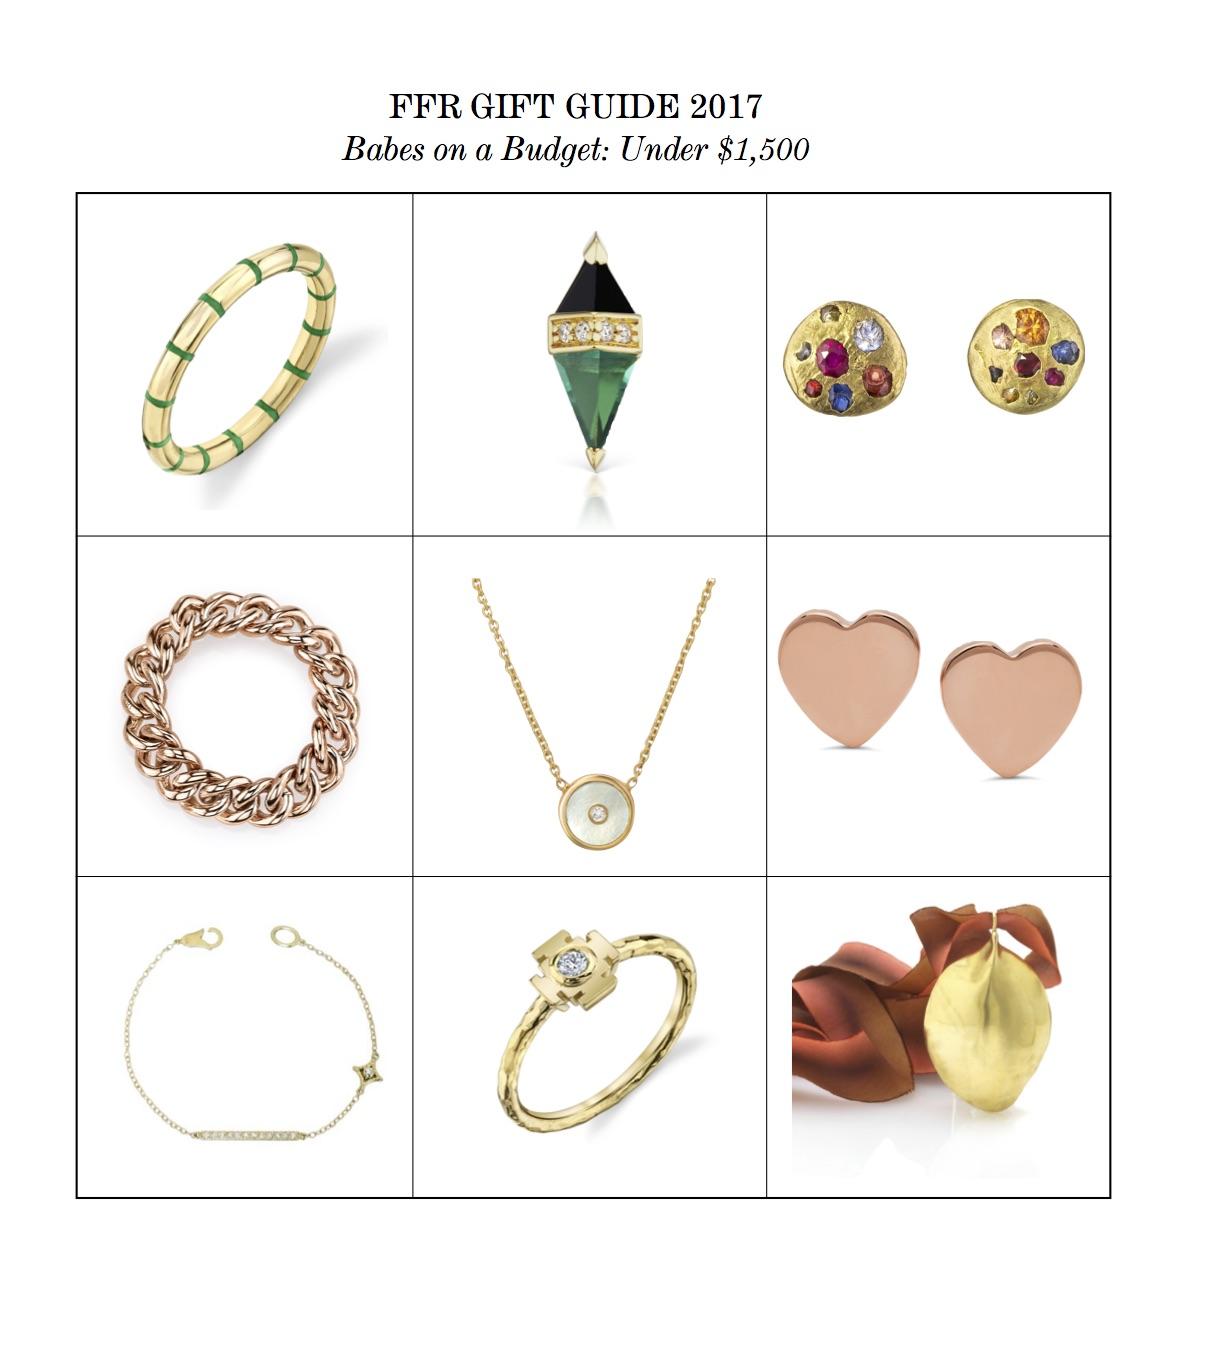 Budget gift guide jpg.jpg